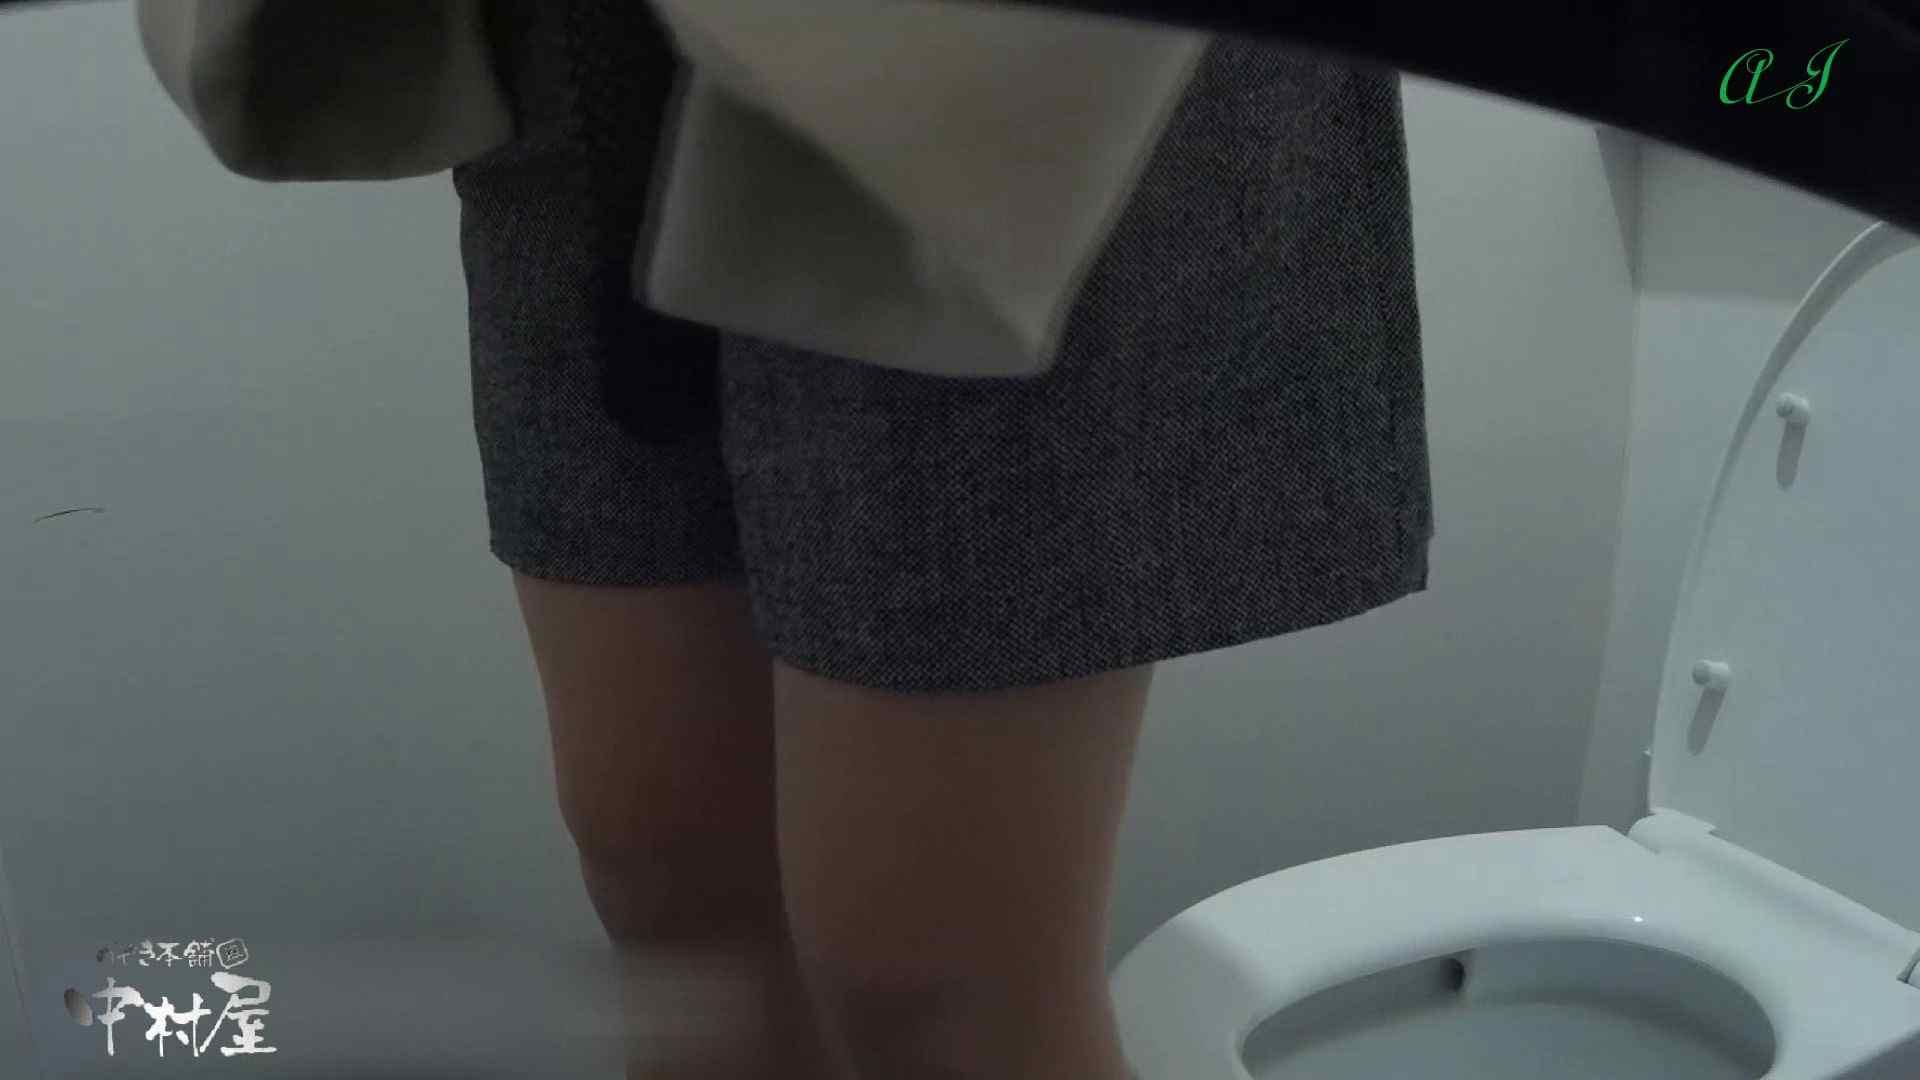 有名大学女性洗面所 vol.78 美女勢揃い 前編 潜入画像 | 人気シリーズ  74画像 47